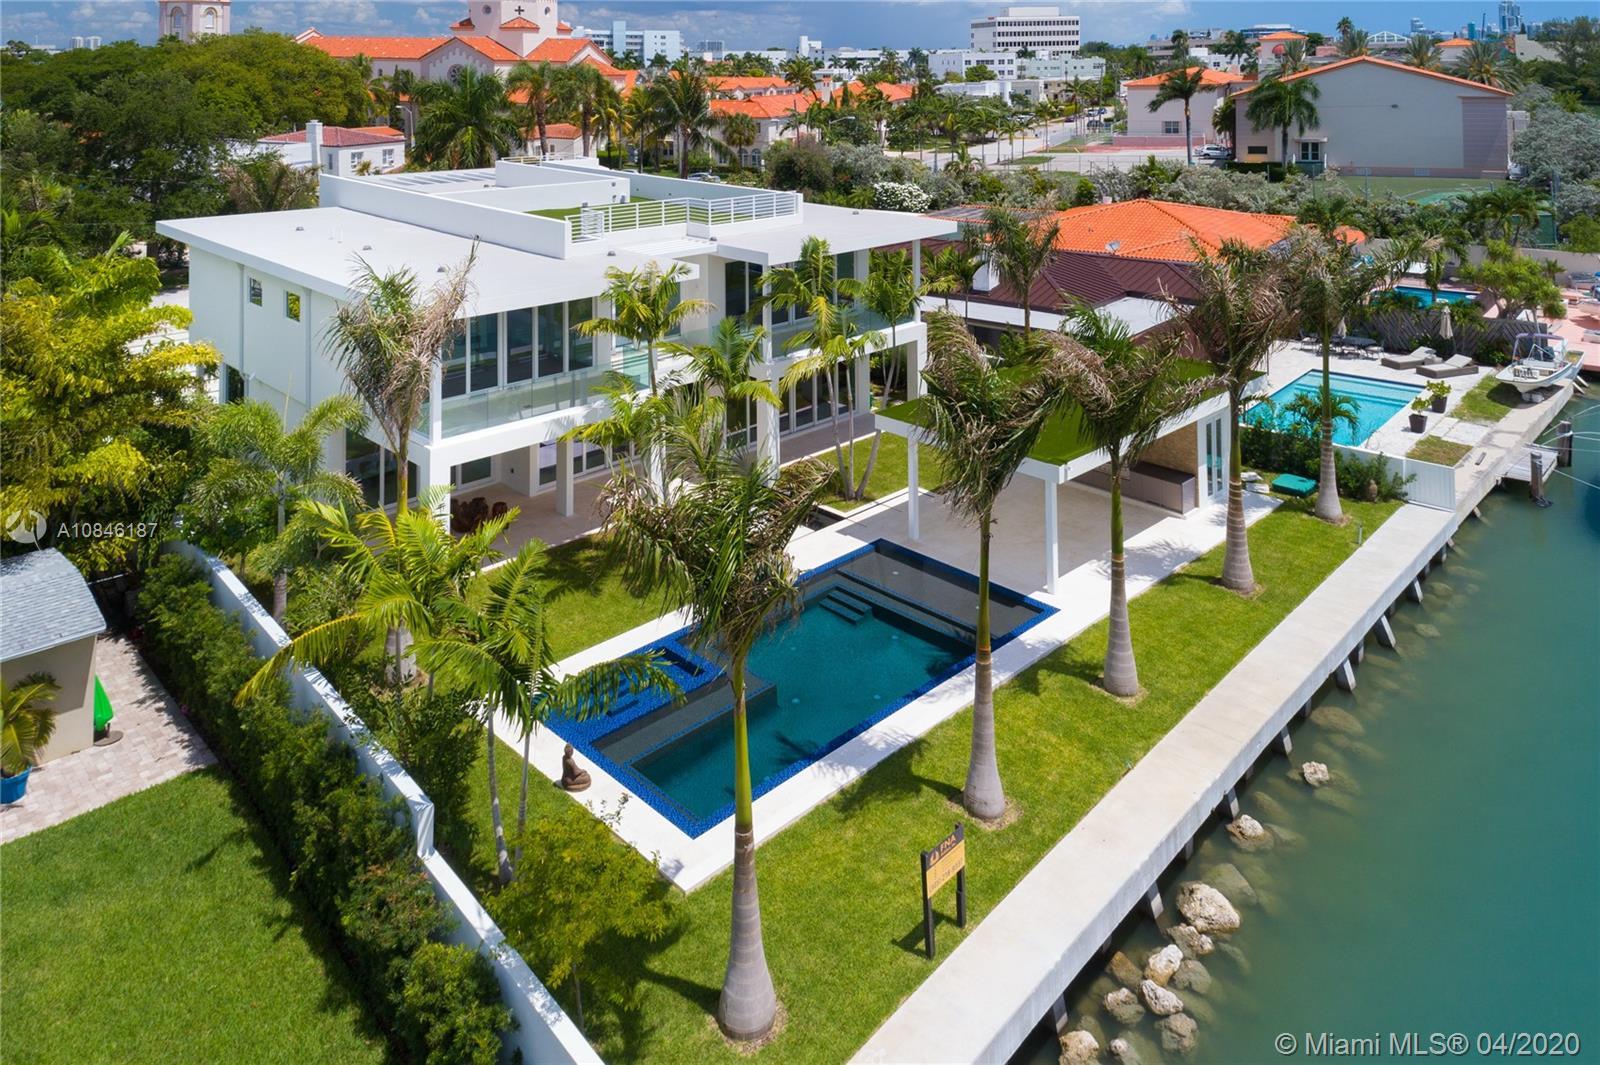 3465 N Meridian Ave Luxury Real Estate